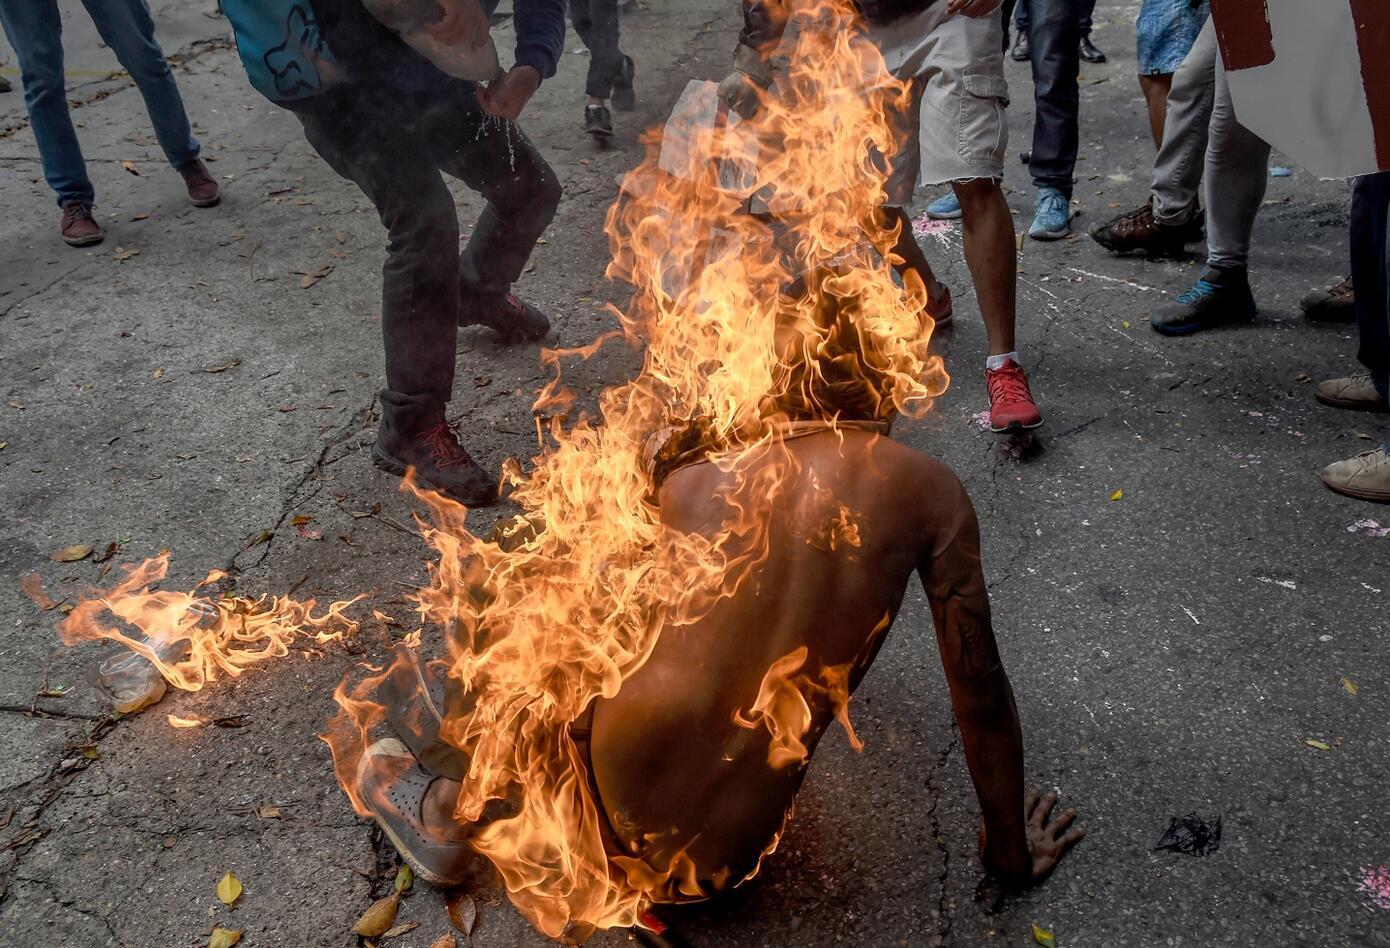 Manifestantes quemados en Venezuela